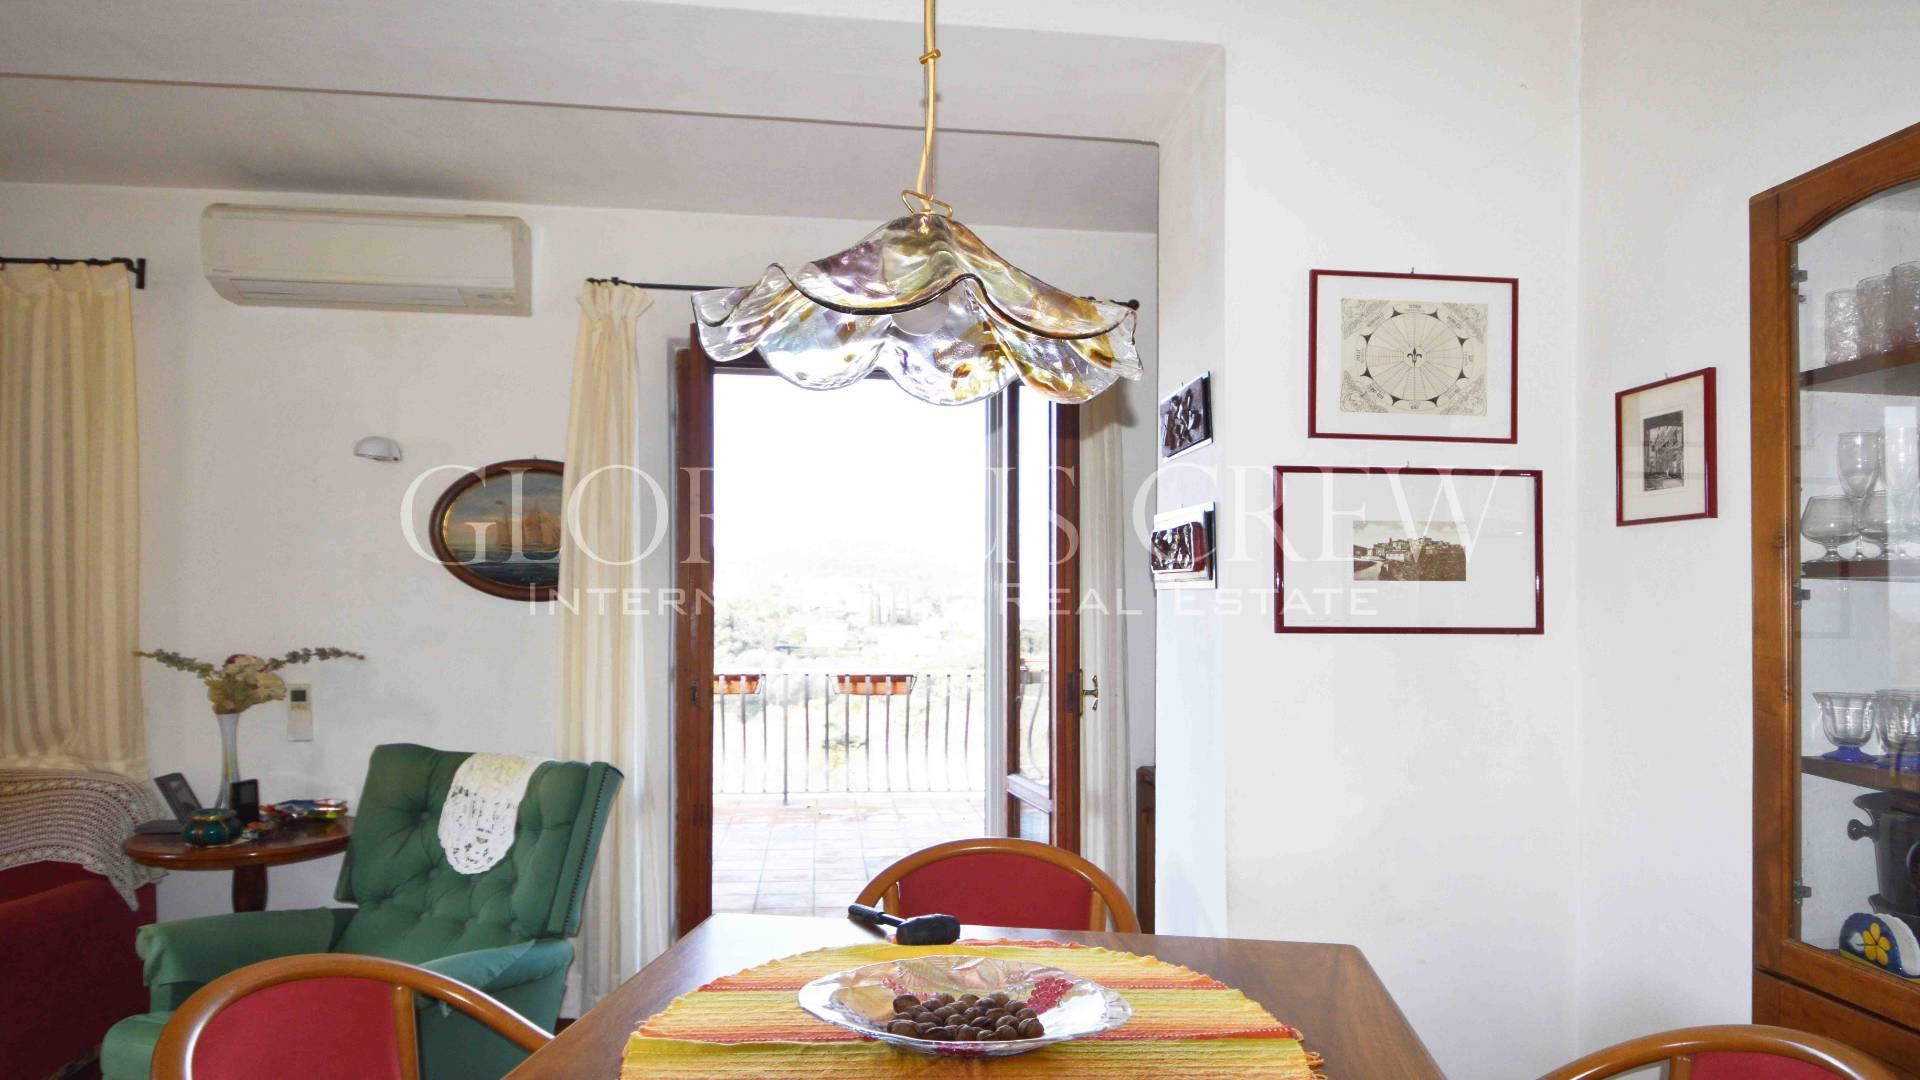 Villa in Vendita a Ameglia: 5 locali, 220 mq - Foto 4